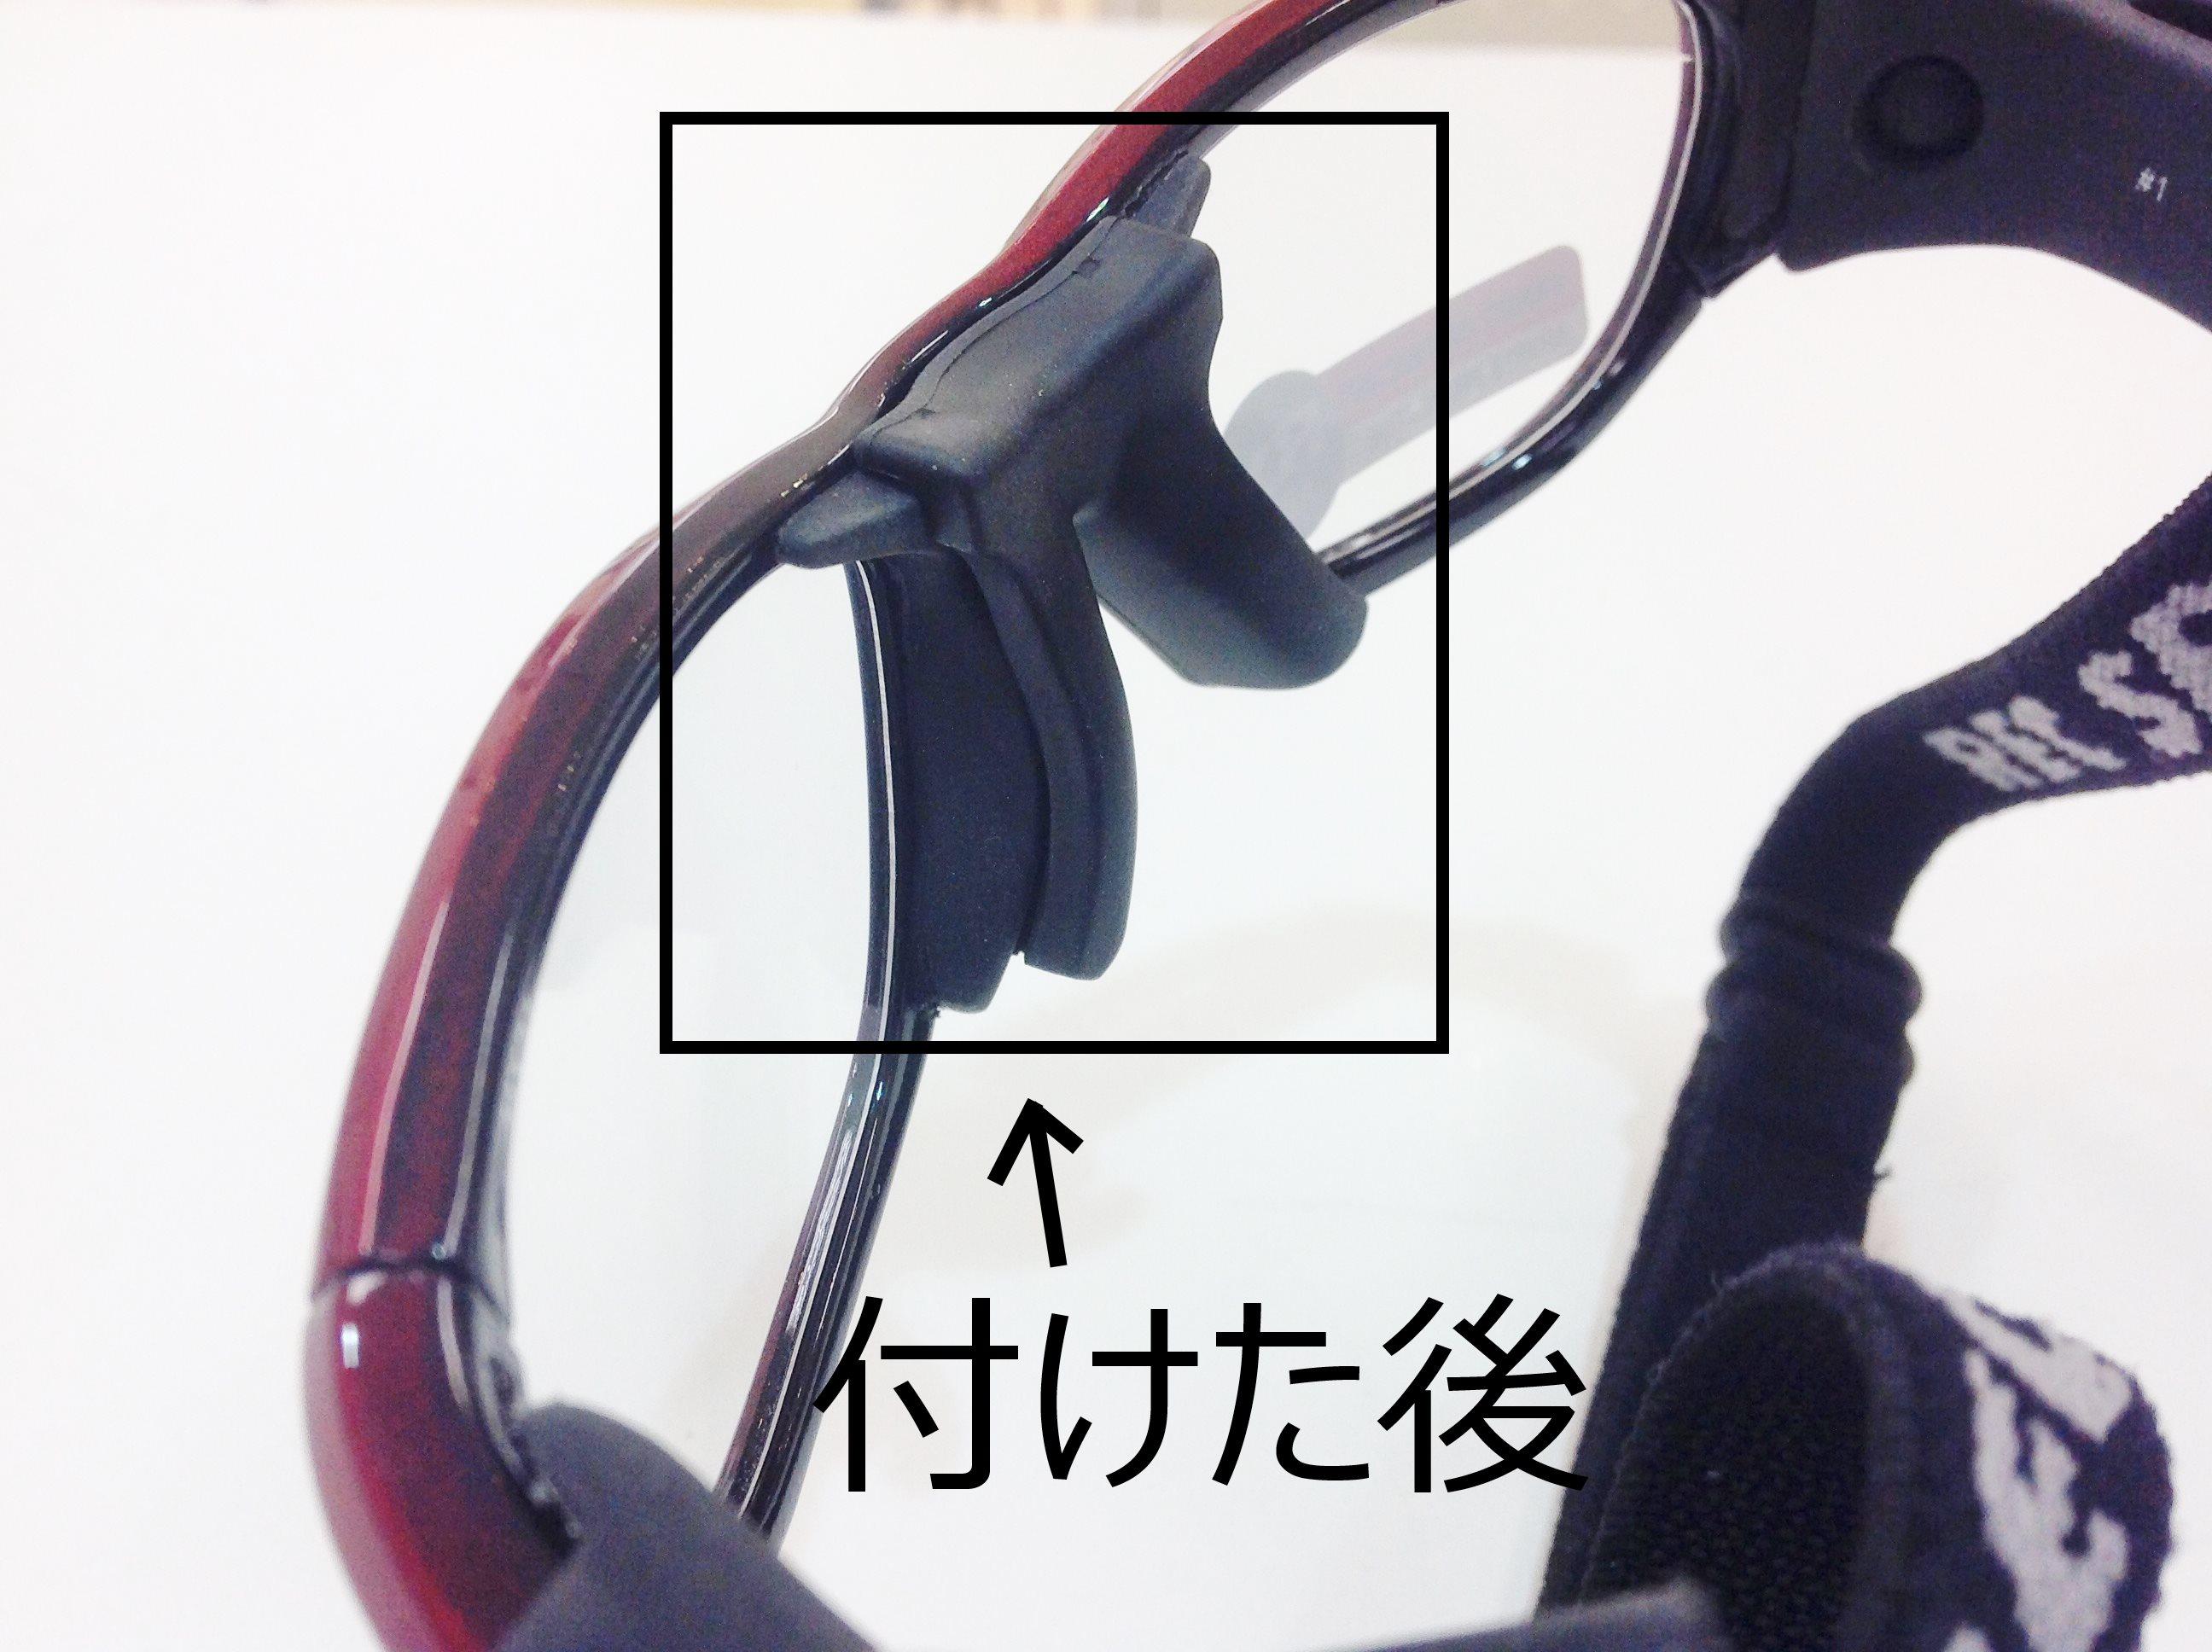 武蔵野市 メガネ 口コミ 鼻当てのないメガネ ネオジン 子供 KIDS